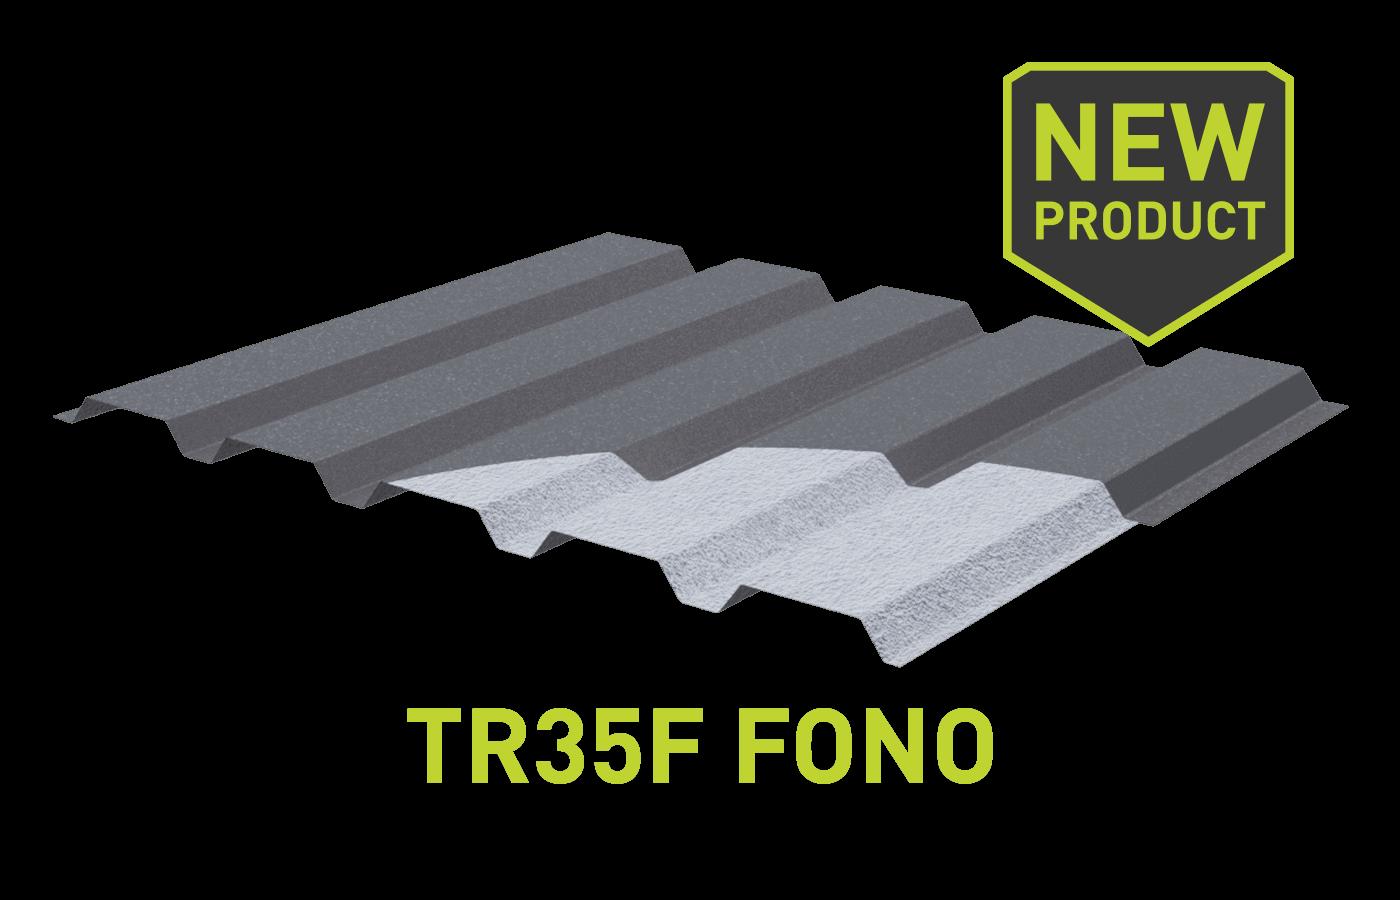 Metigla TR35F FONO